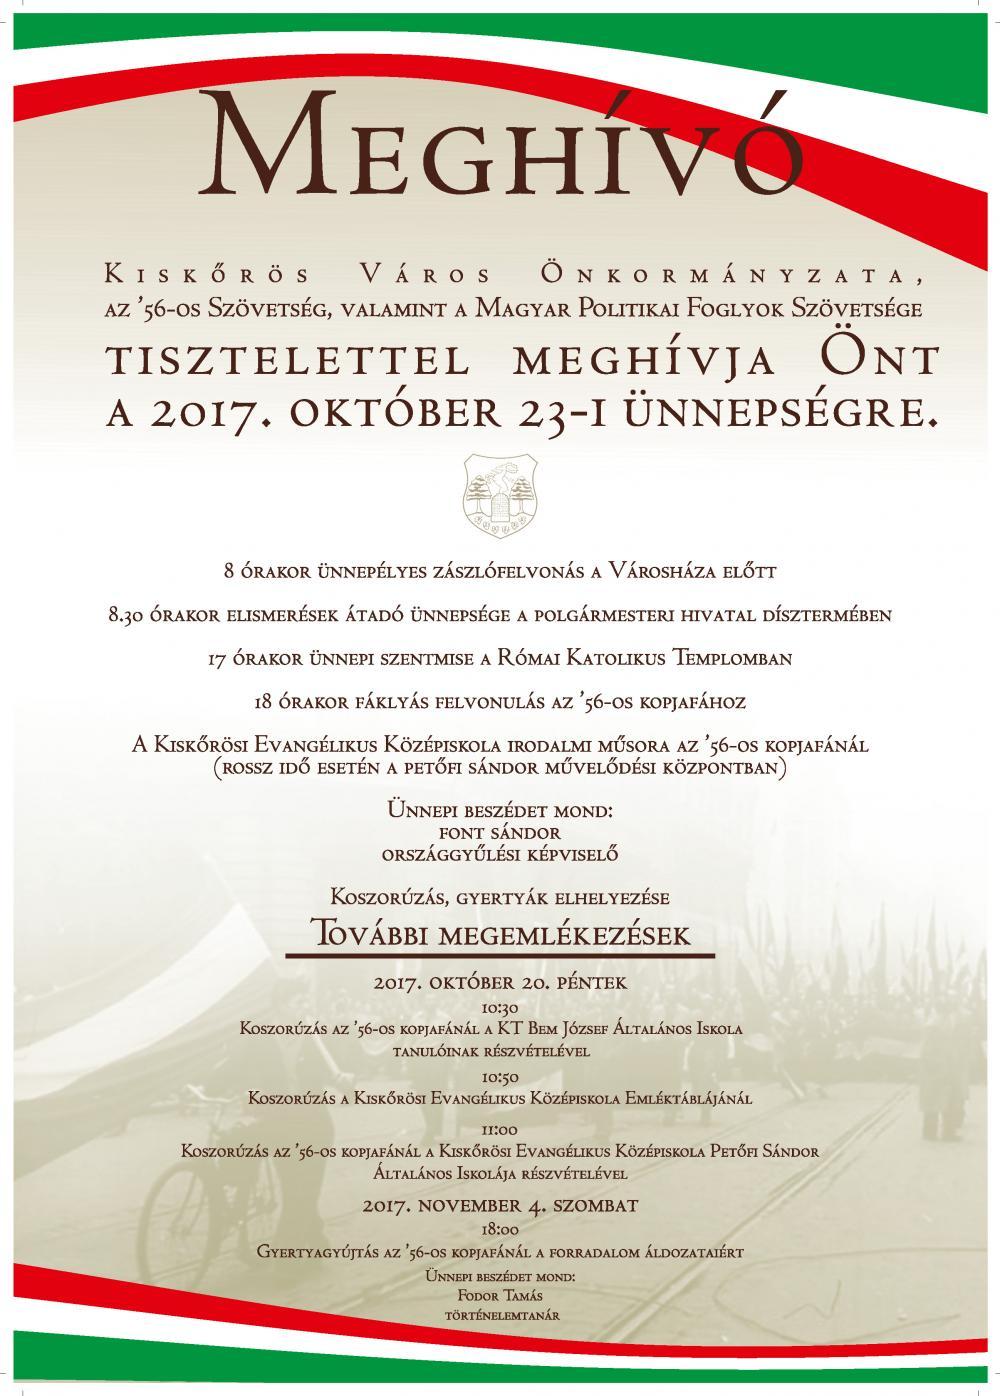 OKTÓBER 23-I ÜNNEPSÉG